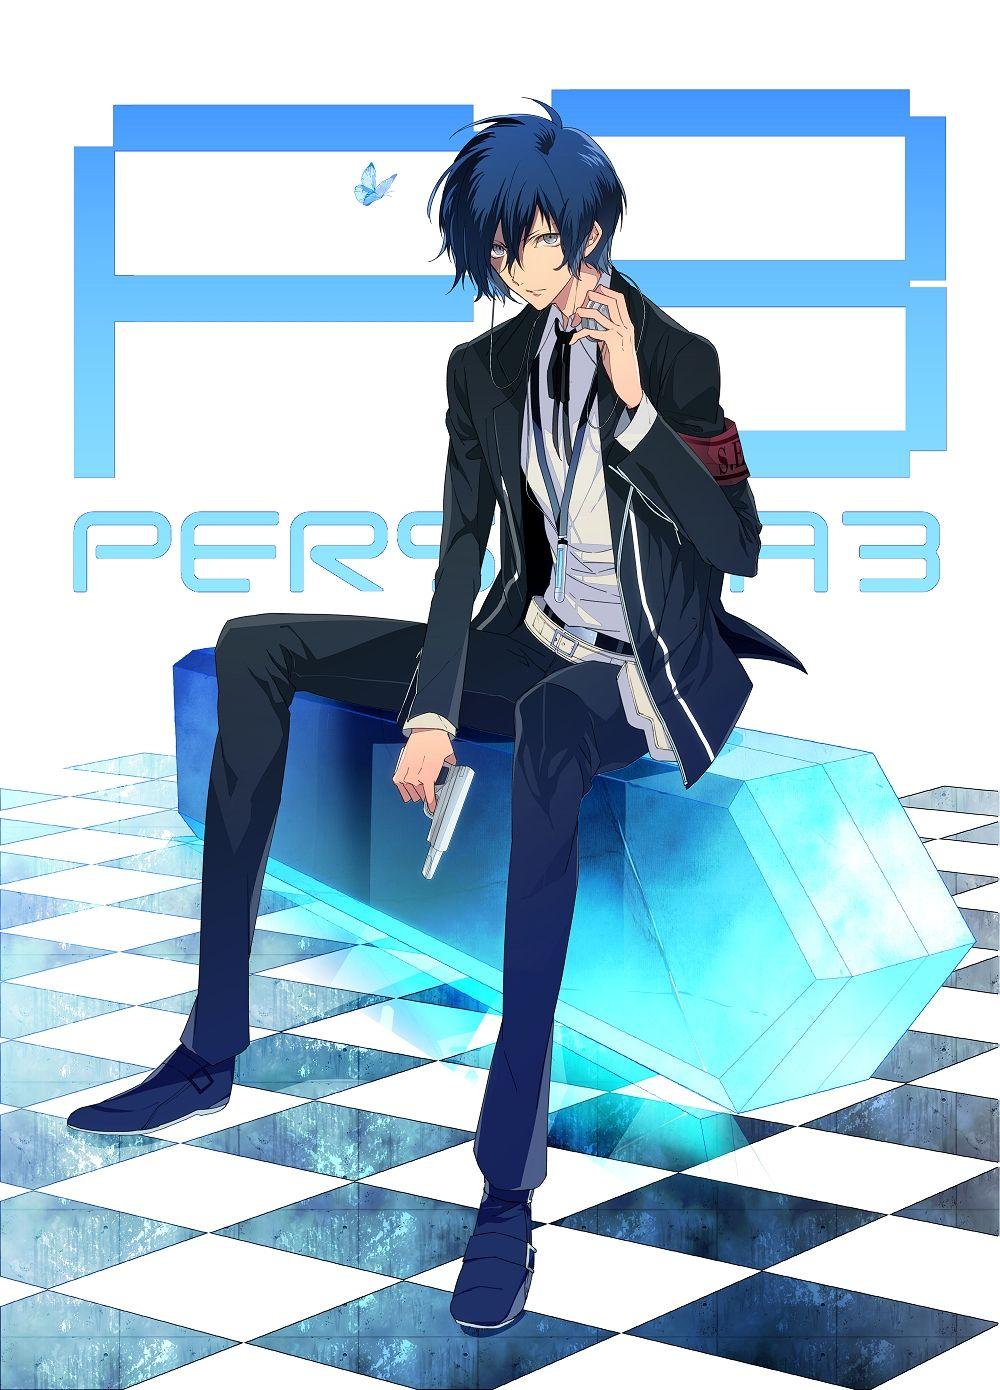 Pin by Lonemisone on Persona 3 Persona, Persona q, Jojo